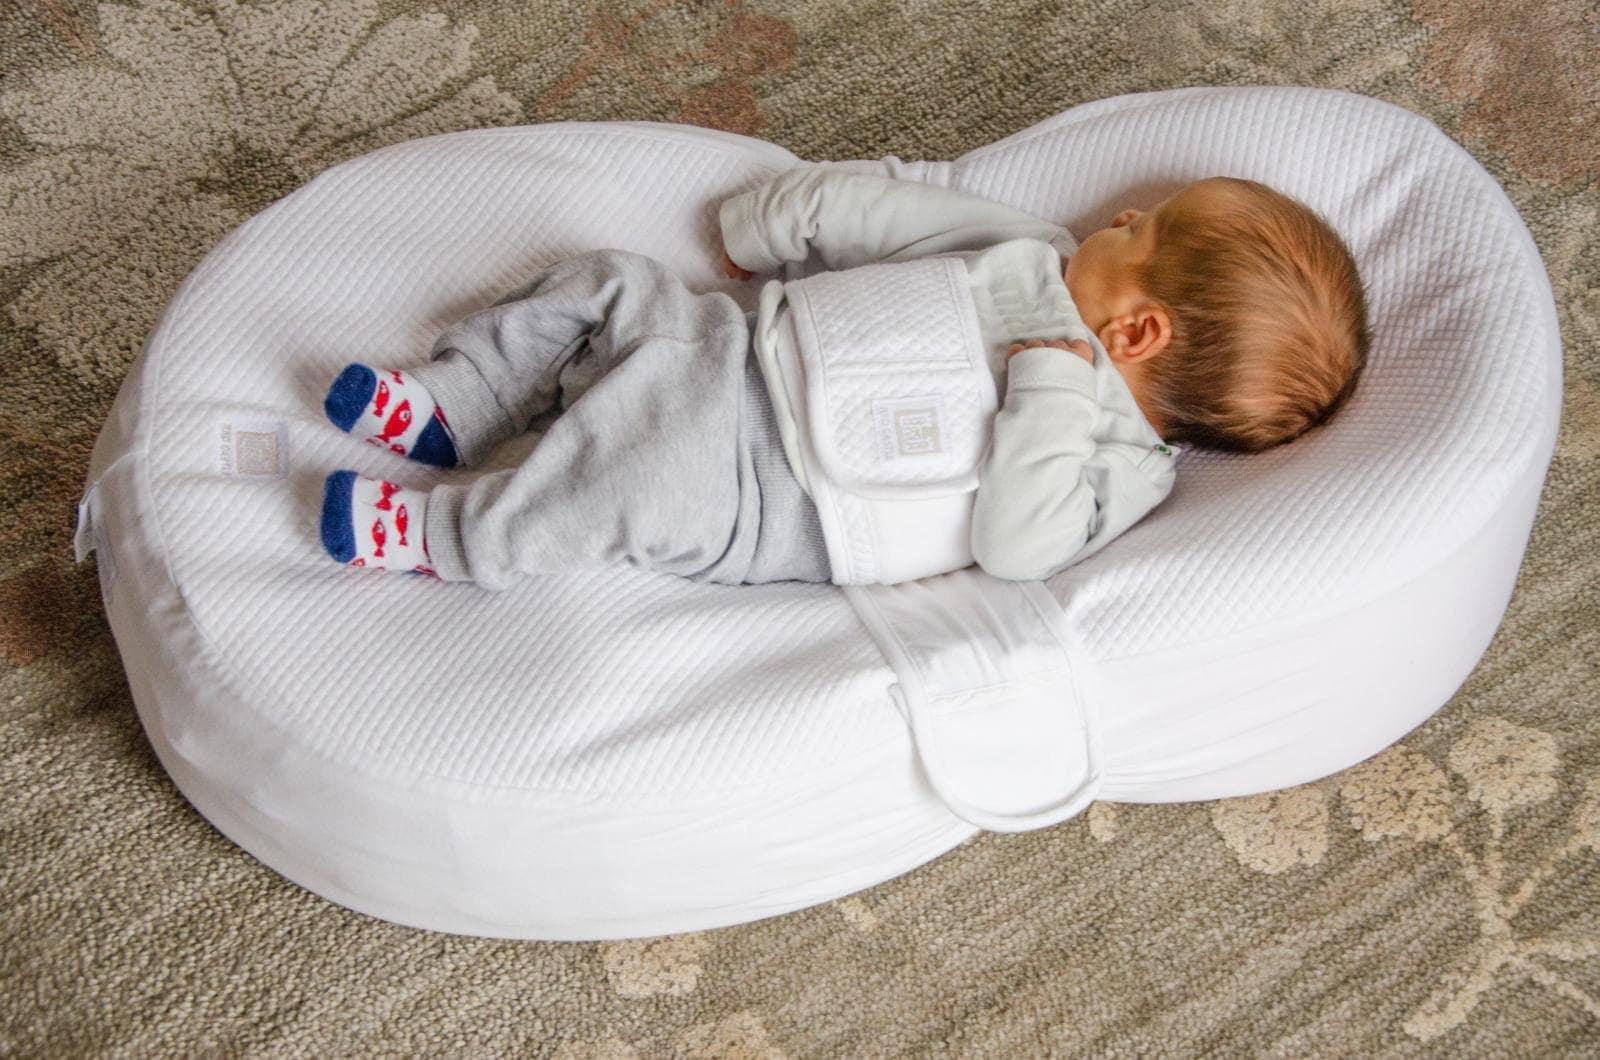 Babykorb so viel praktischer als ein stubenwagen